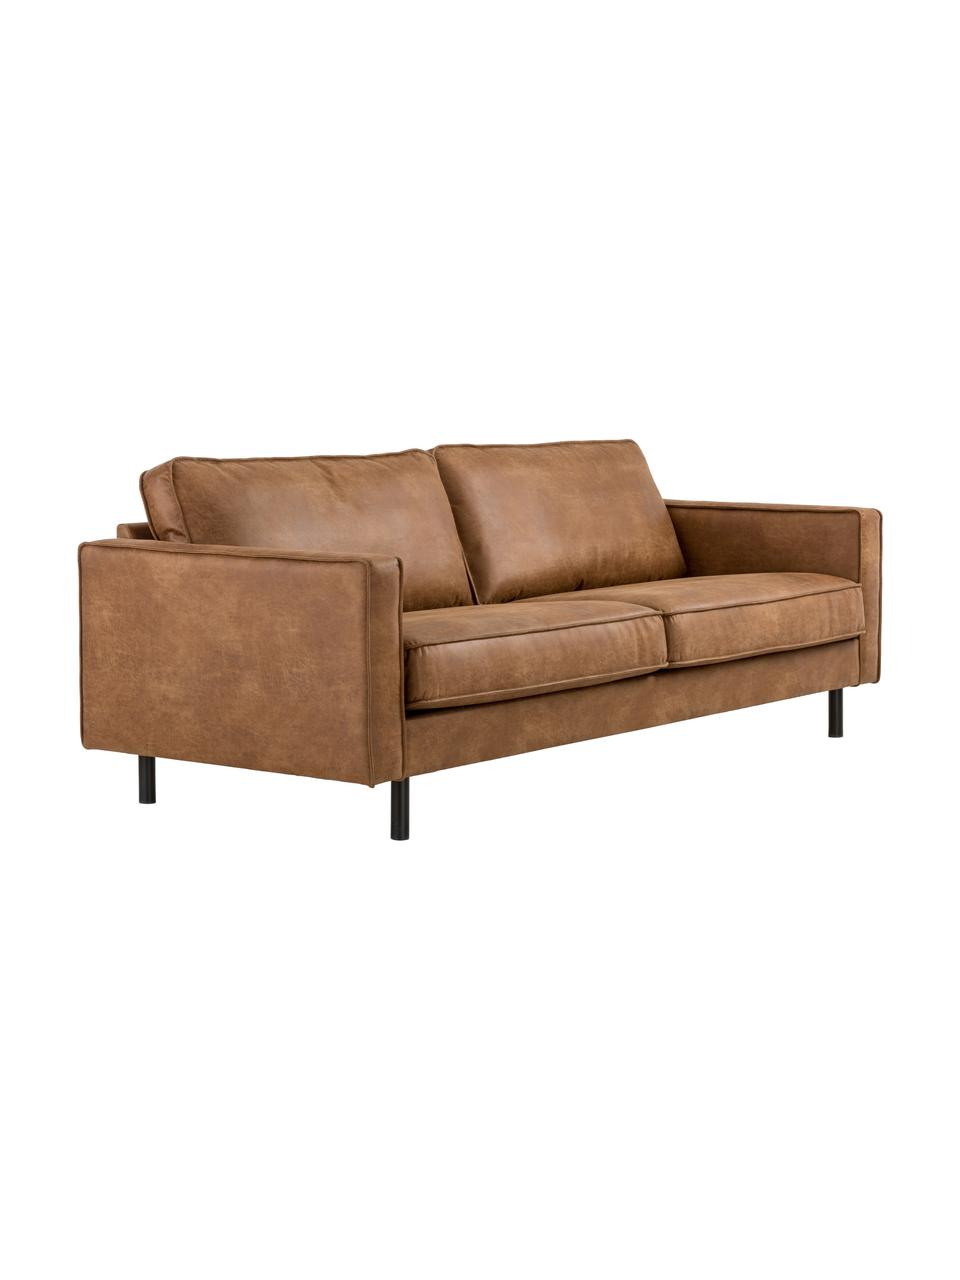 Sofa ze skóry z recyklingu Hunter (3-osobowa), Tapicerka: skóra z recyklingu (70% s, Nogi: tworzywo sztuczne, Brązowy, S 219 x G 90 cm